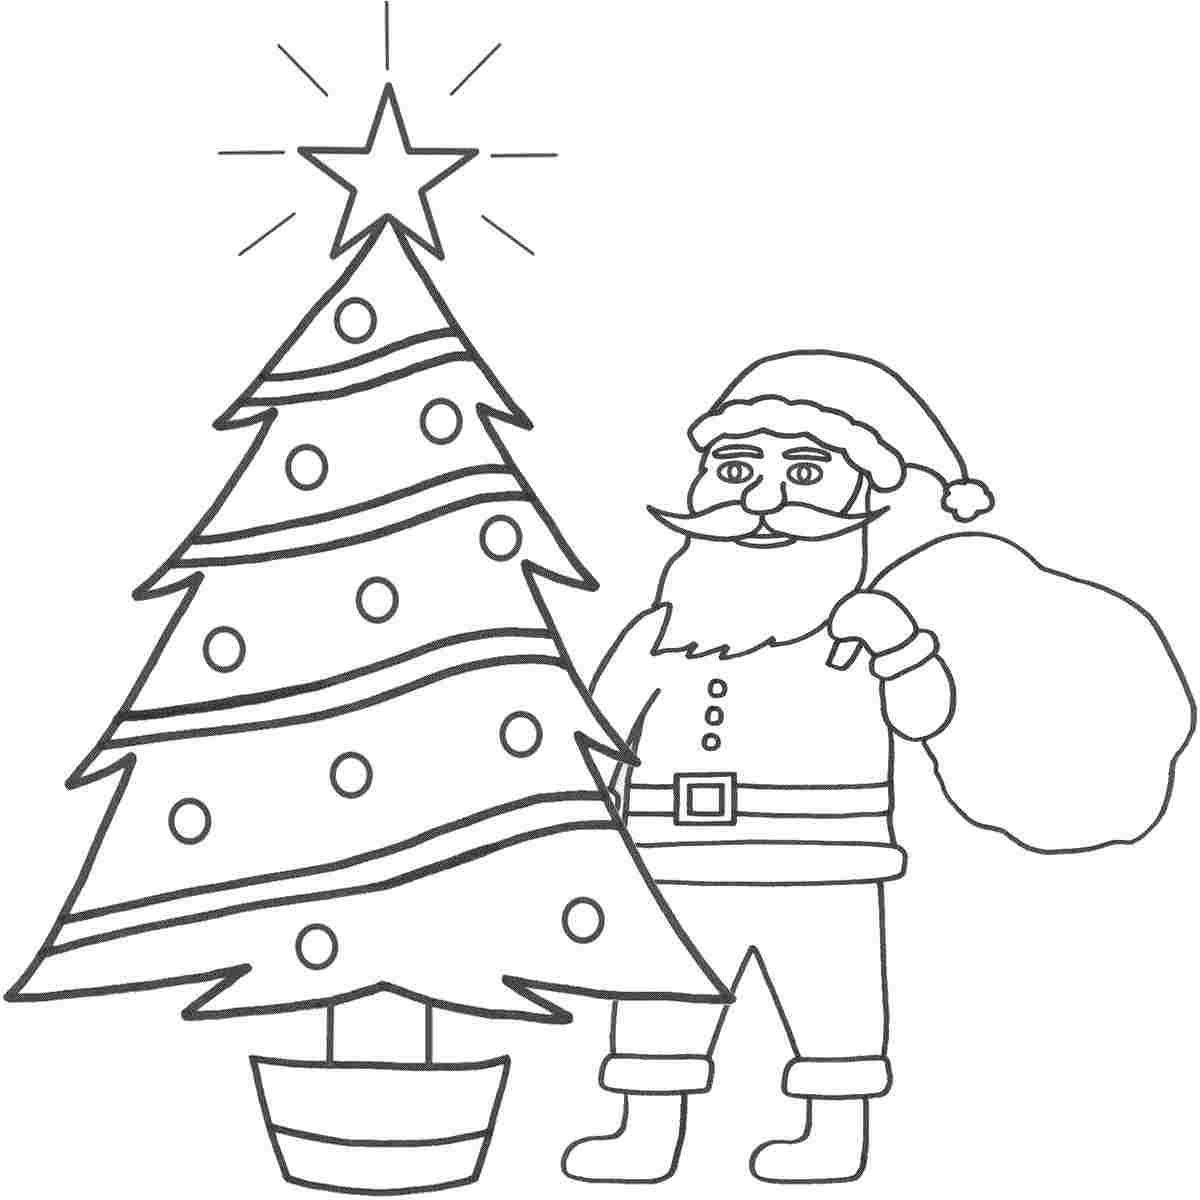 новогодние картинки для рисования карандашом надписями вдв